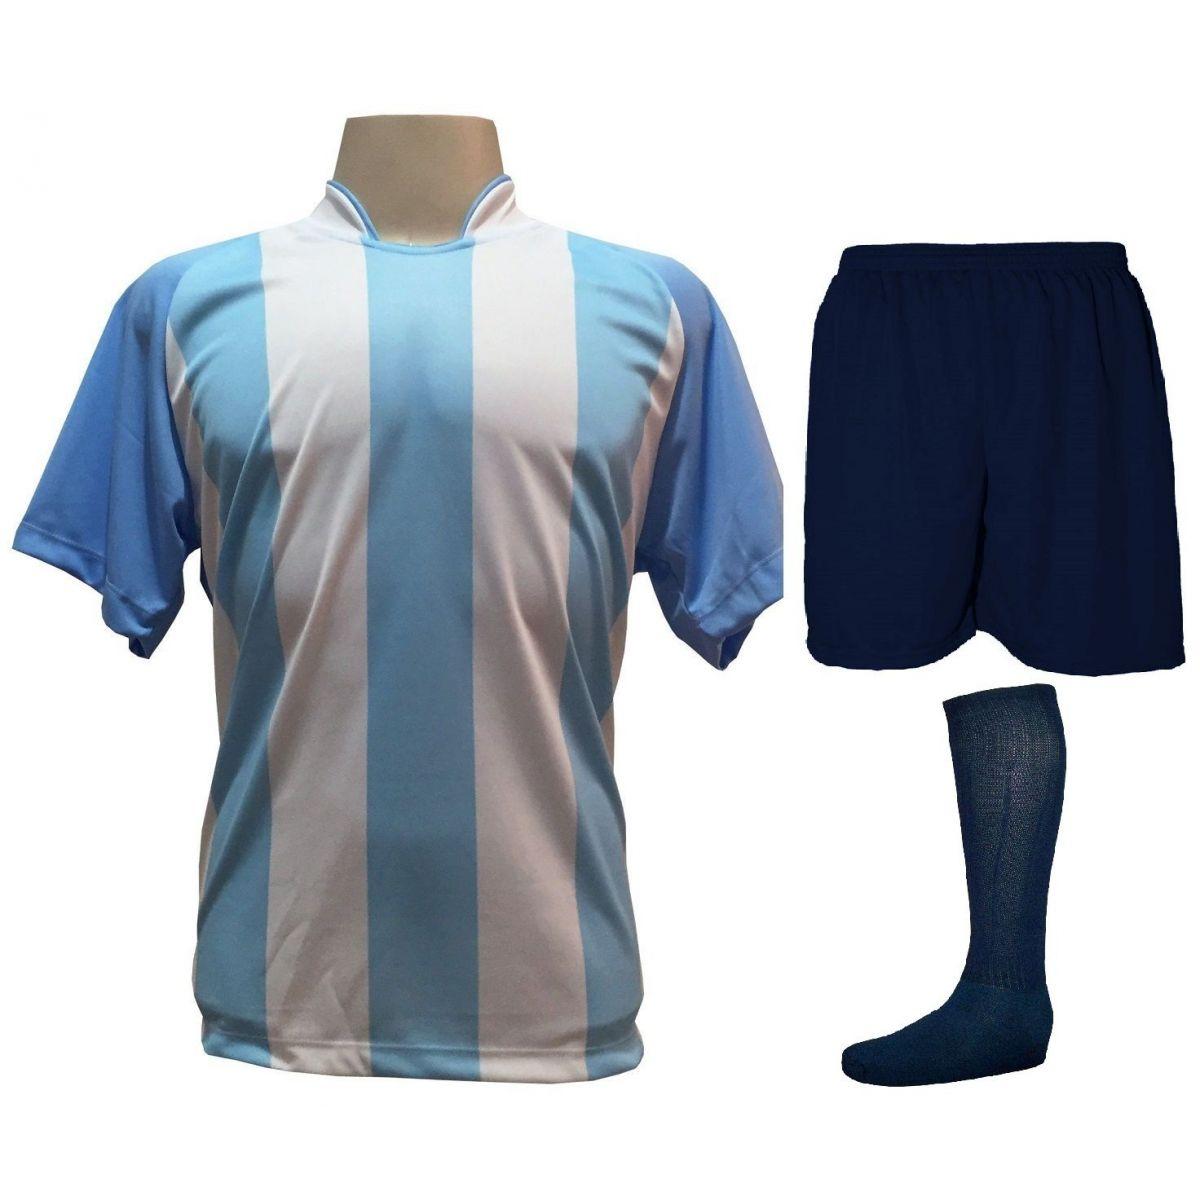 Uniforme Completo modelo Milan Celeste/Branco 12+1 (12 camisas + 12 calções + 13 pares de meiões + 1 conjunto de goleiro) - Frete Grátis Brasil + Brindes